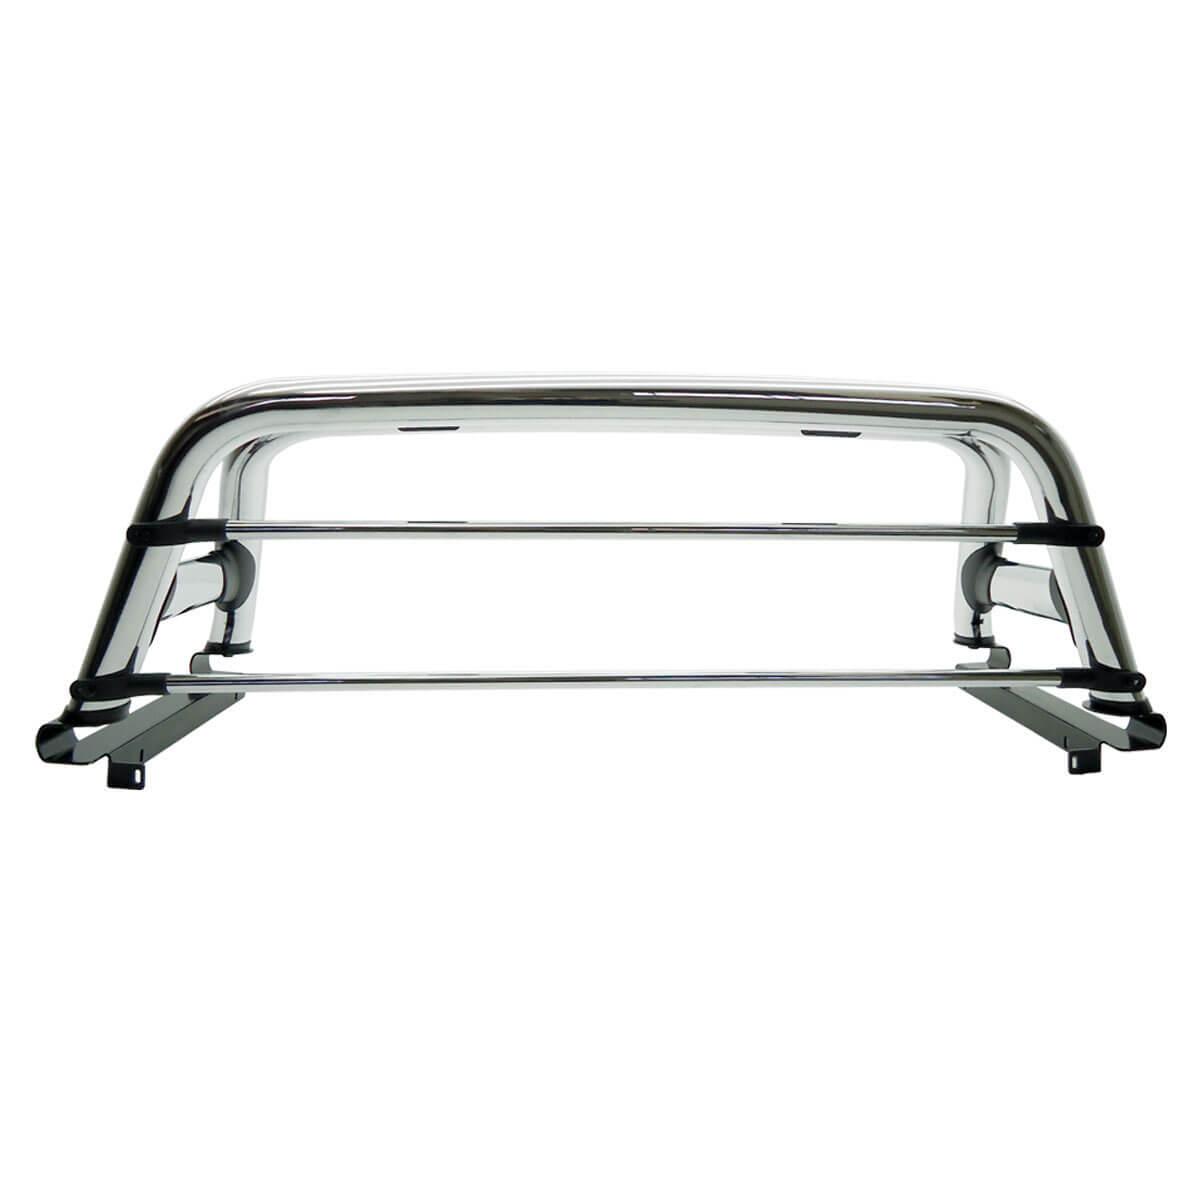 Santo antônio duplo cromado L200 GL 1999 a 2005 ou L200 GLS 1999 a 2007 com barras de vidro em alumínio